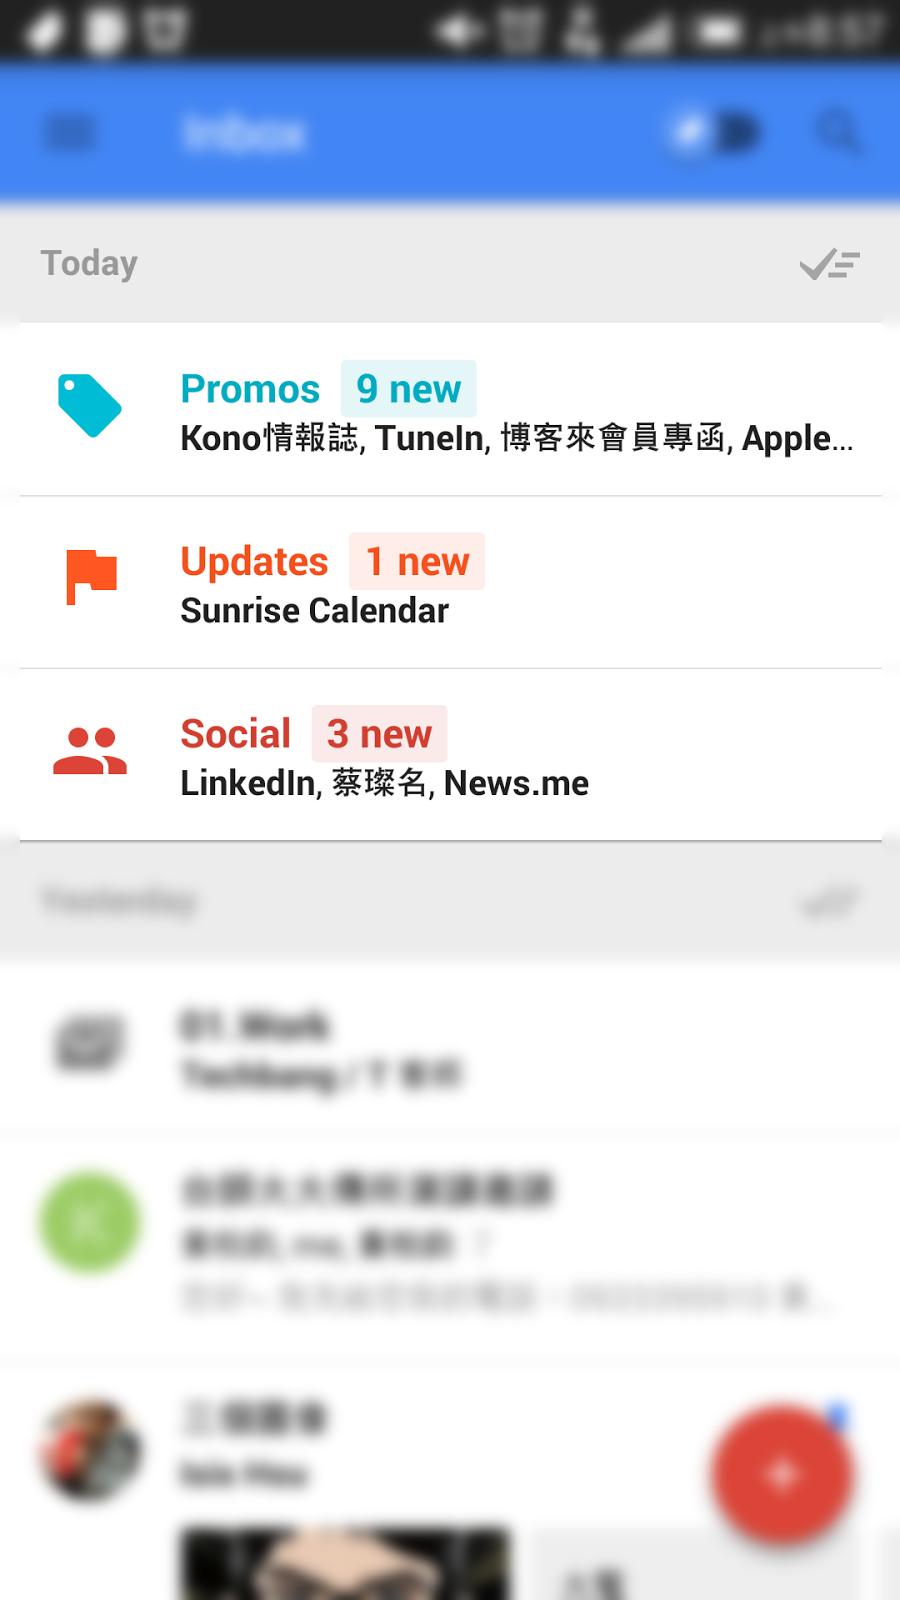 改變行動工作!電腦玩物 2014 最佳 Android App 推薦 Google%2BInbox%2BGTD-02